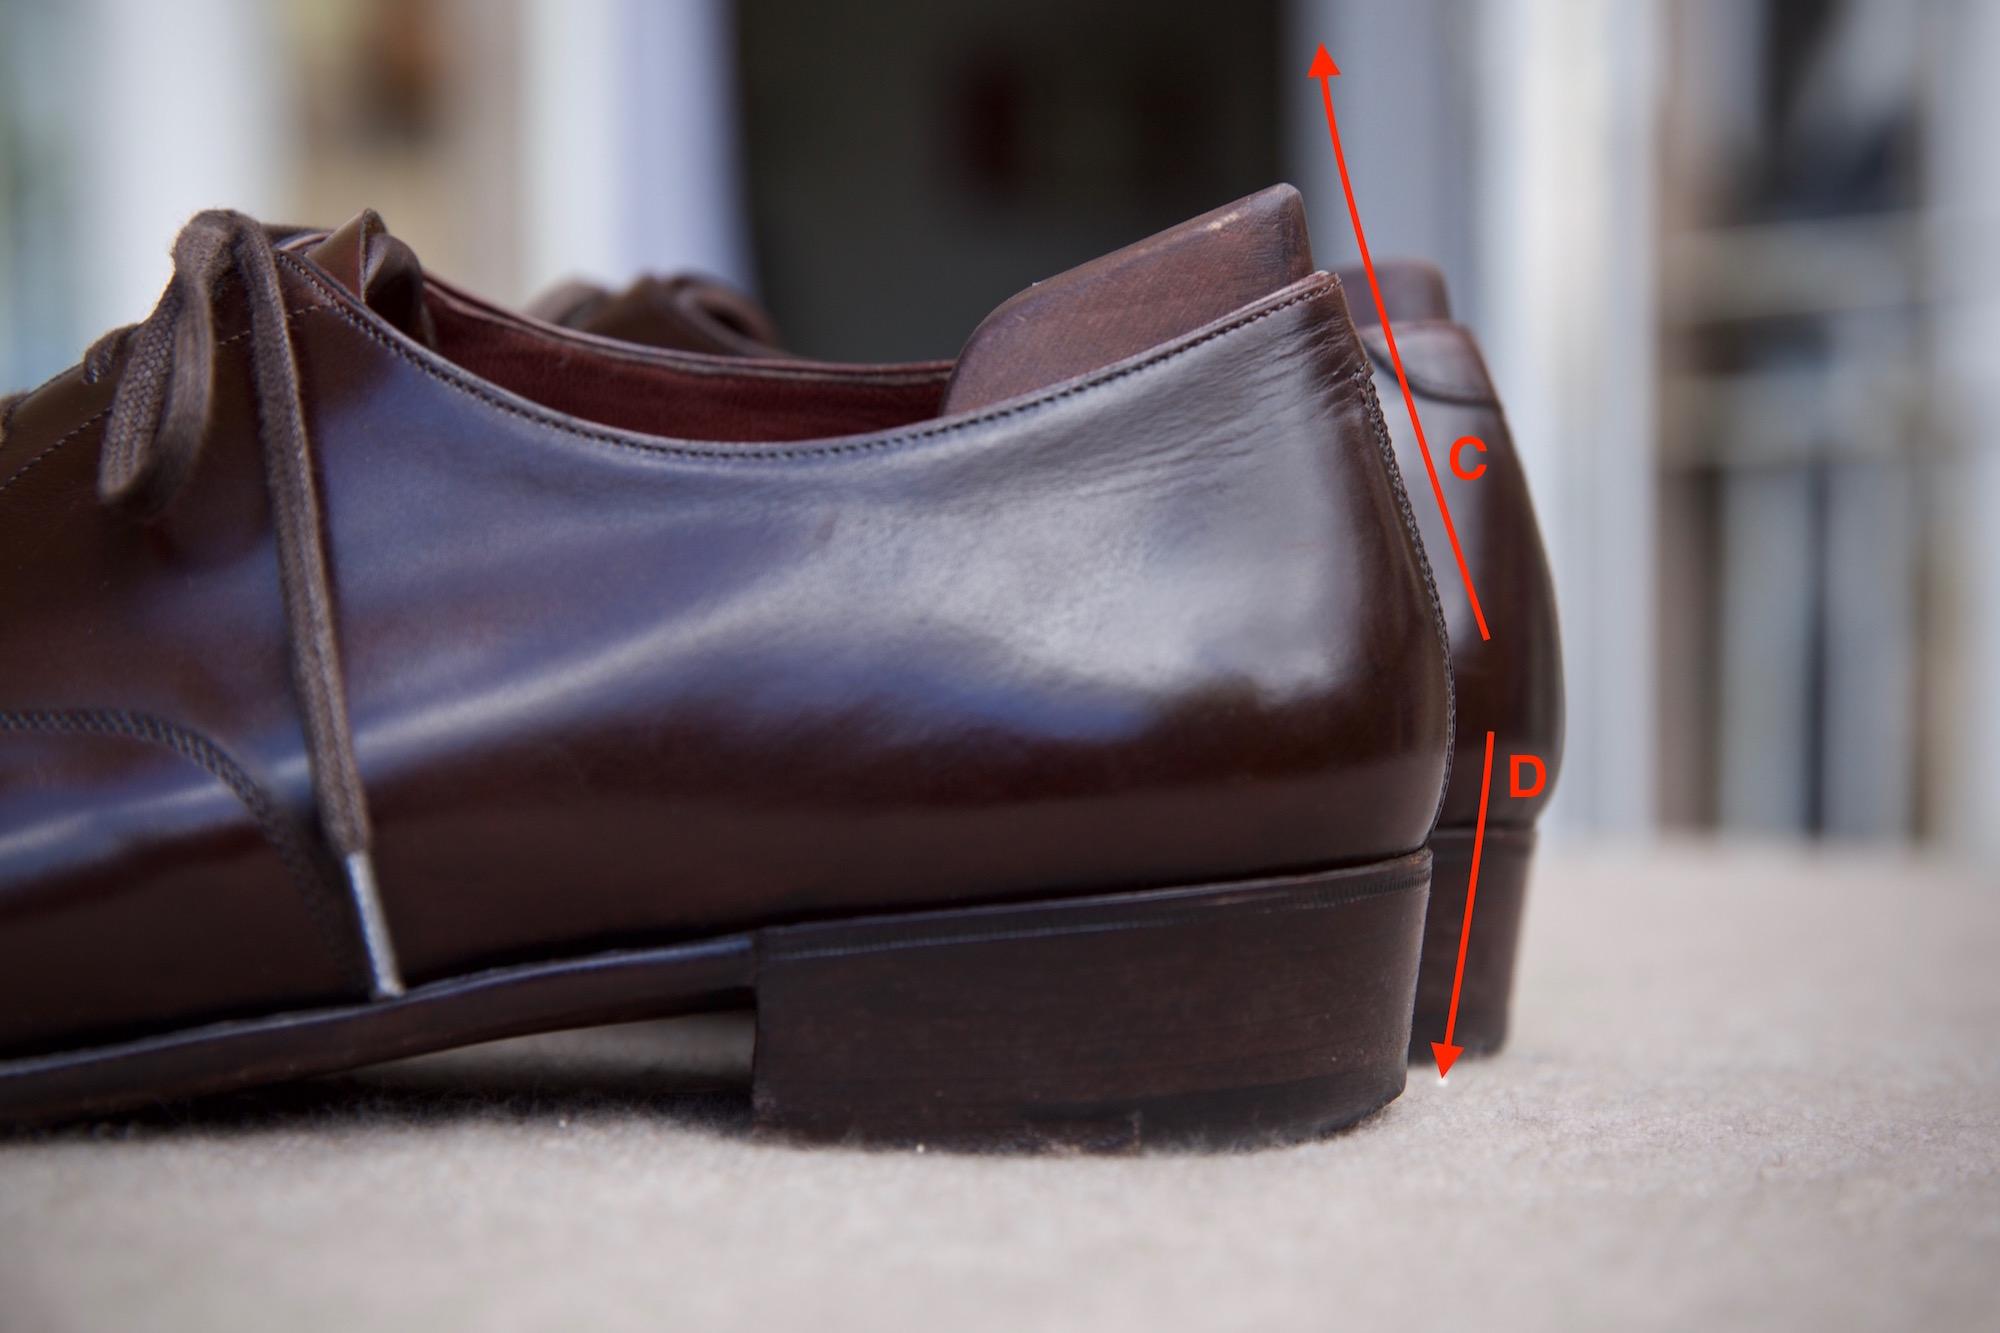 Foster & Son bespoke shoe heel cup